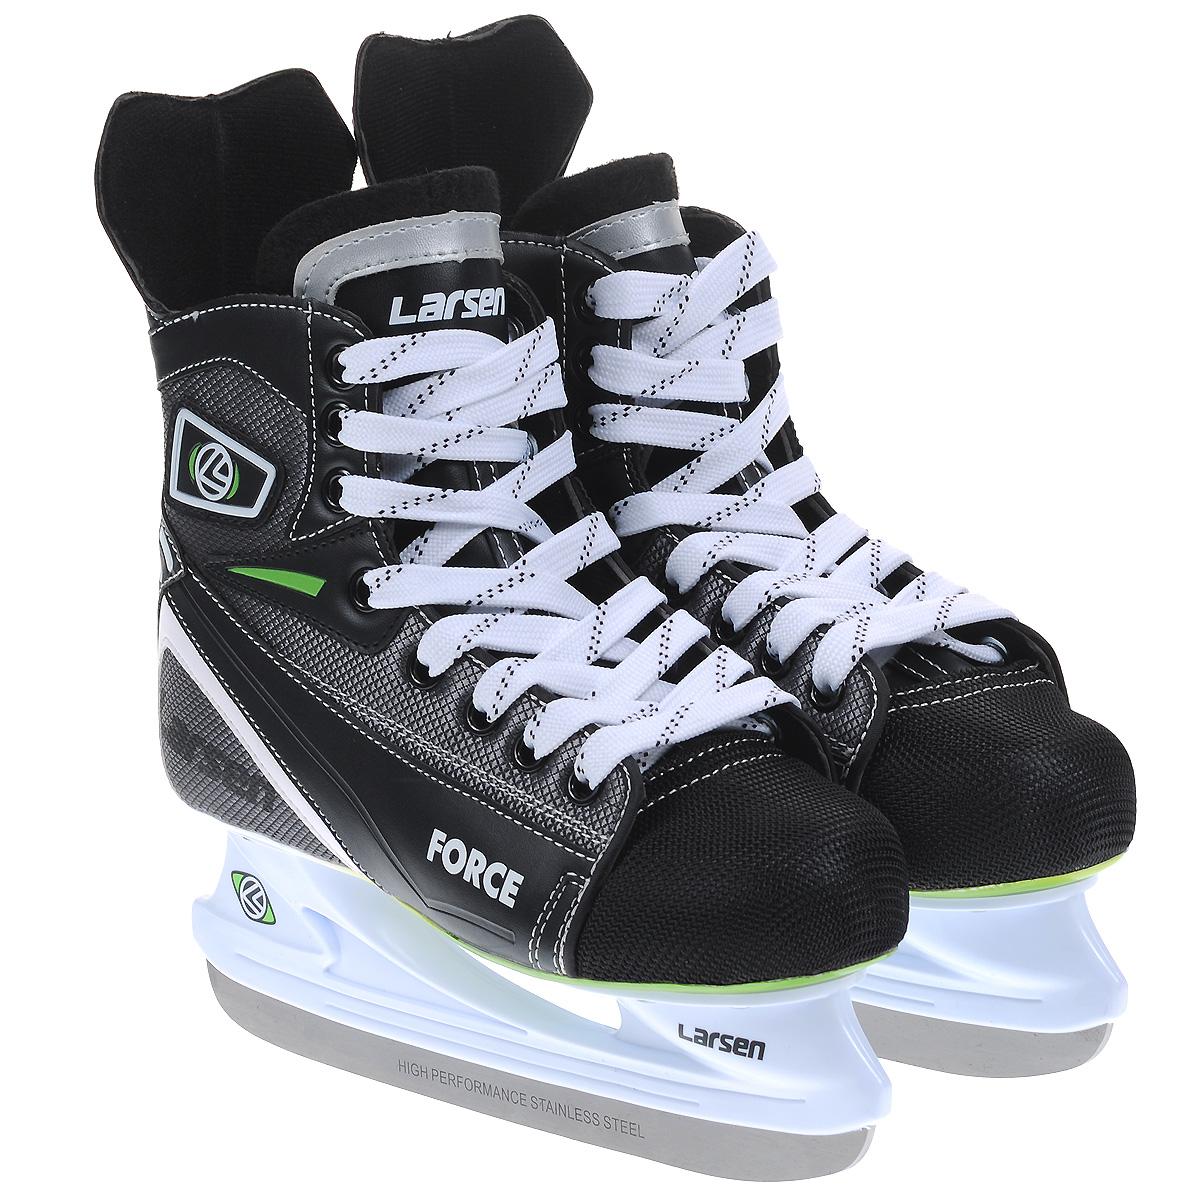 Коньки хоккейные Larsen Force, цвет: черный, серый. Размер 45